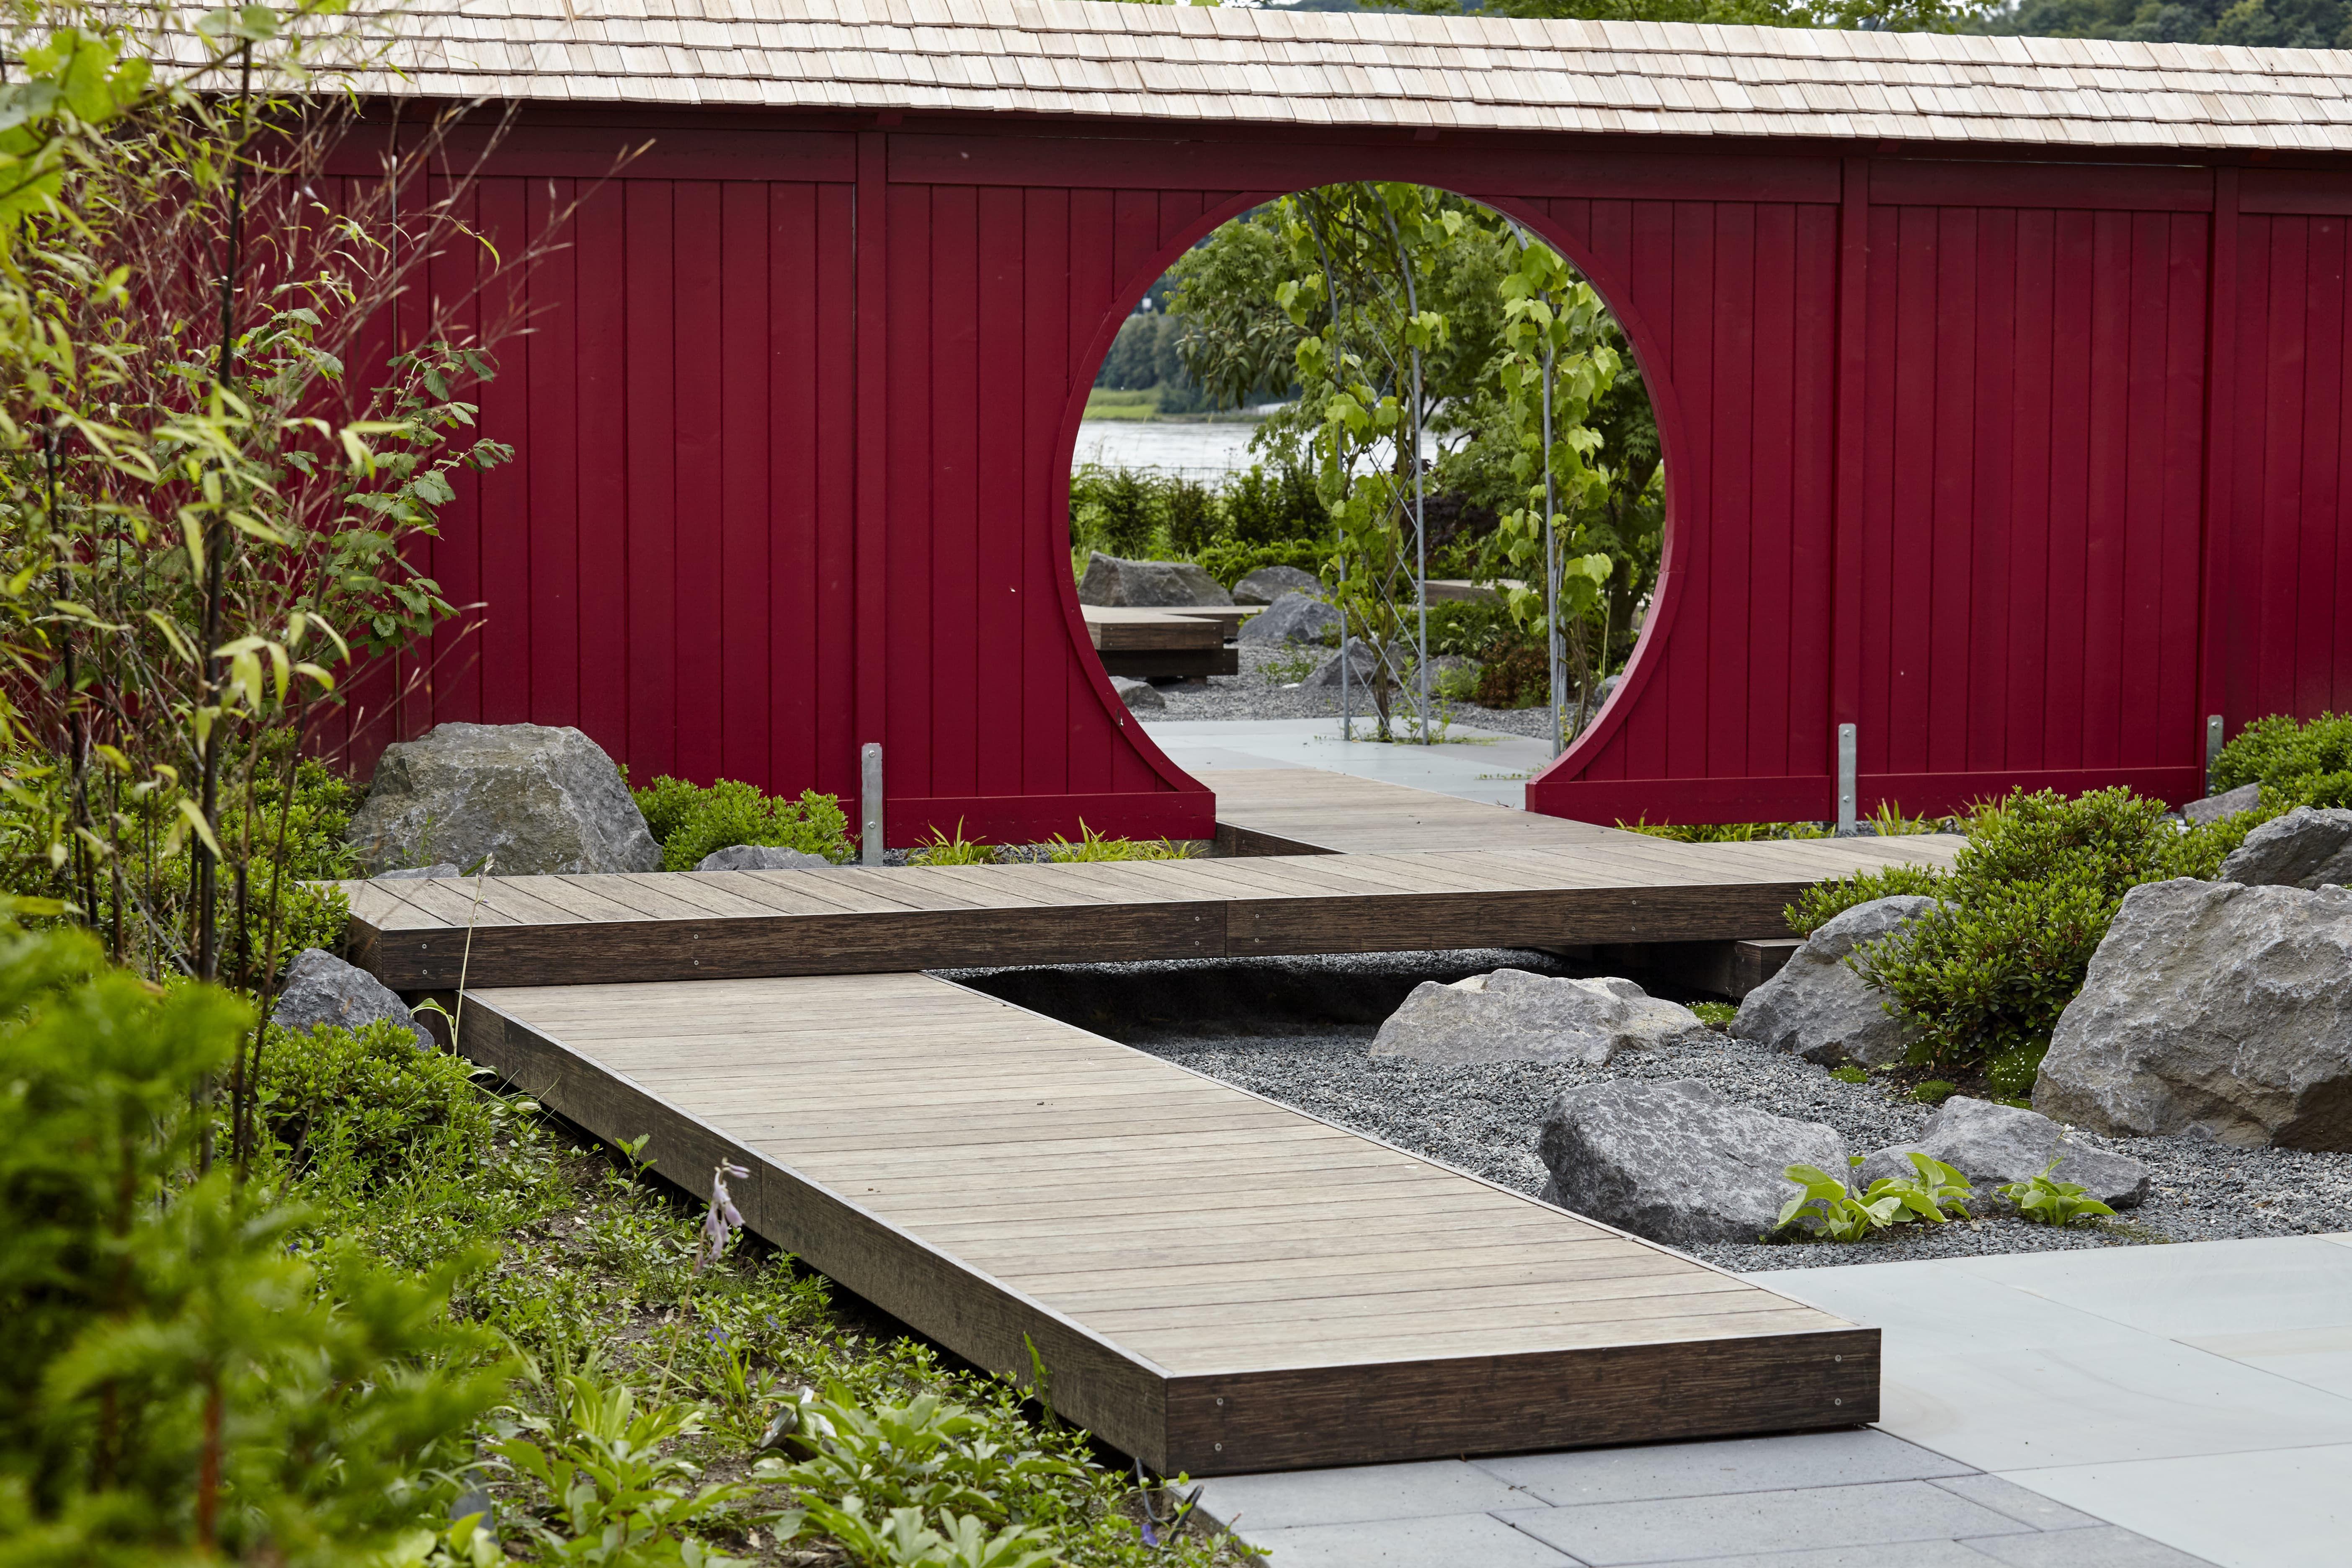 Japanische holzwand in neu gestaltetem japanischen garten for Gartengestaltung japanischen stil